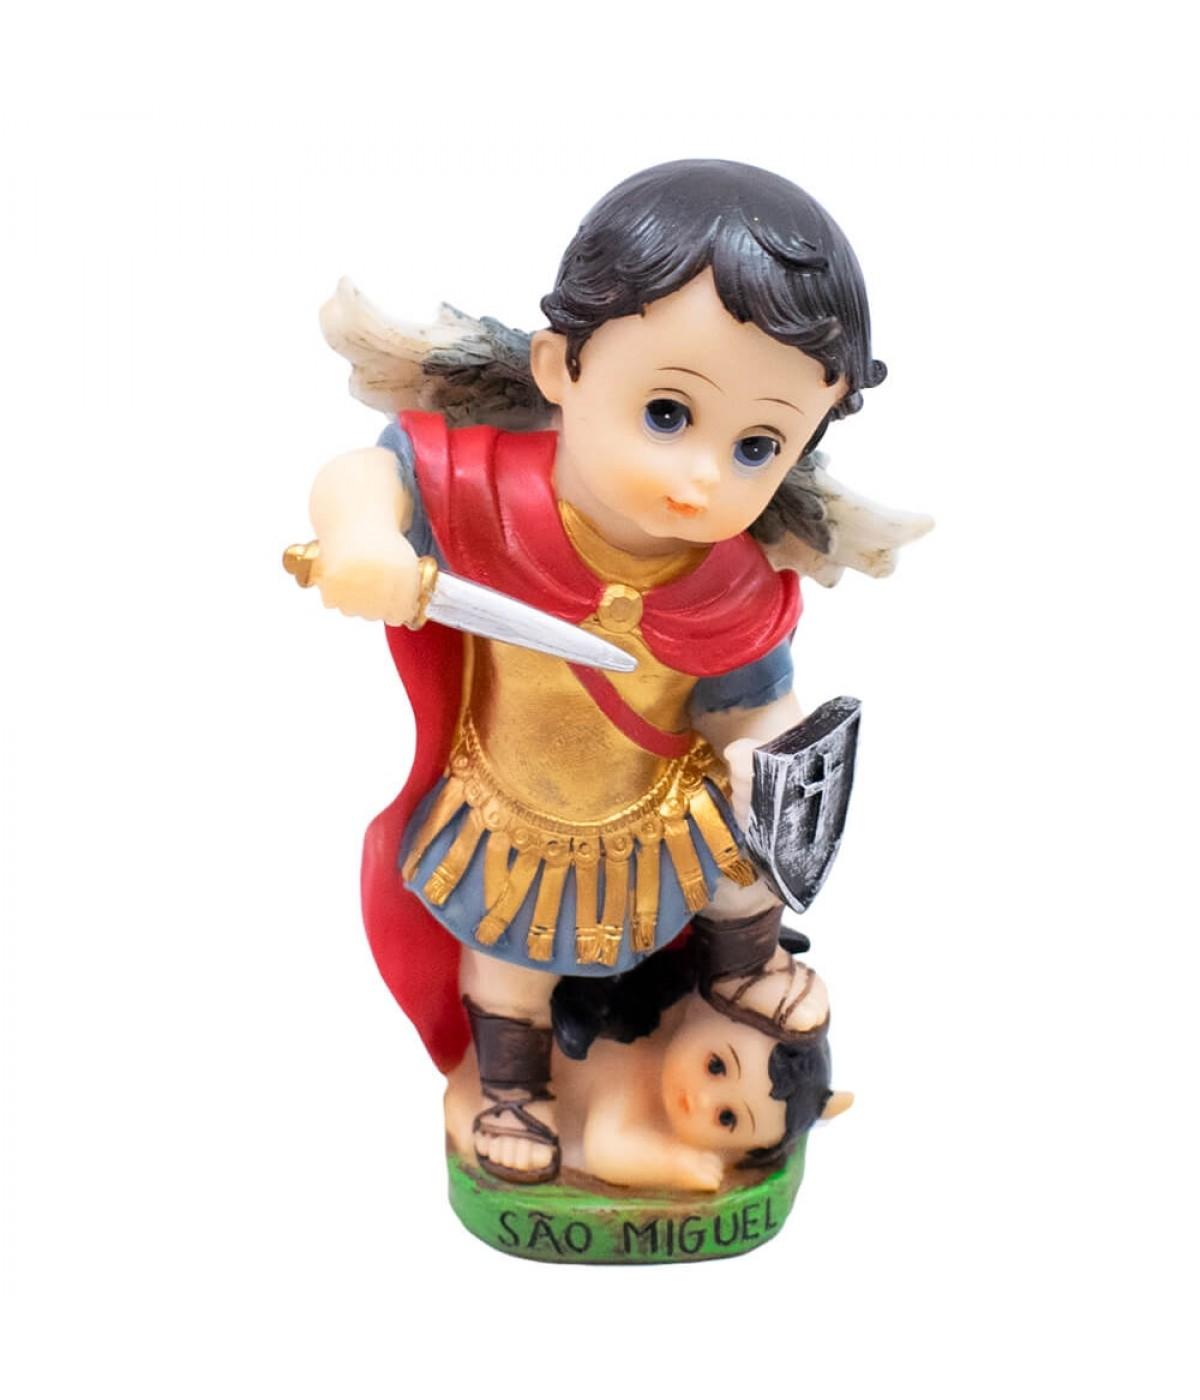 São Miguel 13cm Infantil - Enfeite Resina